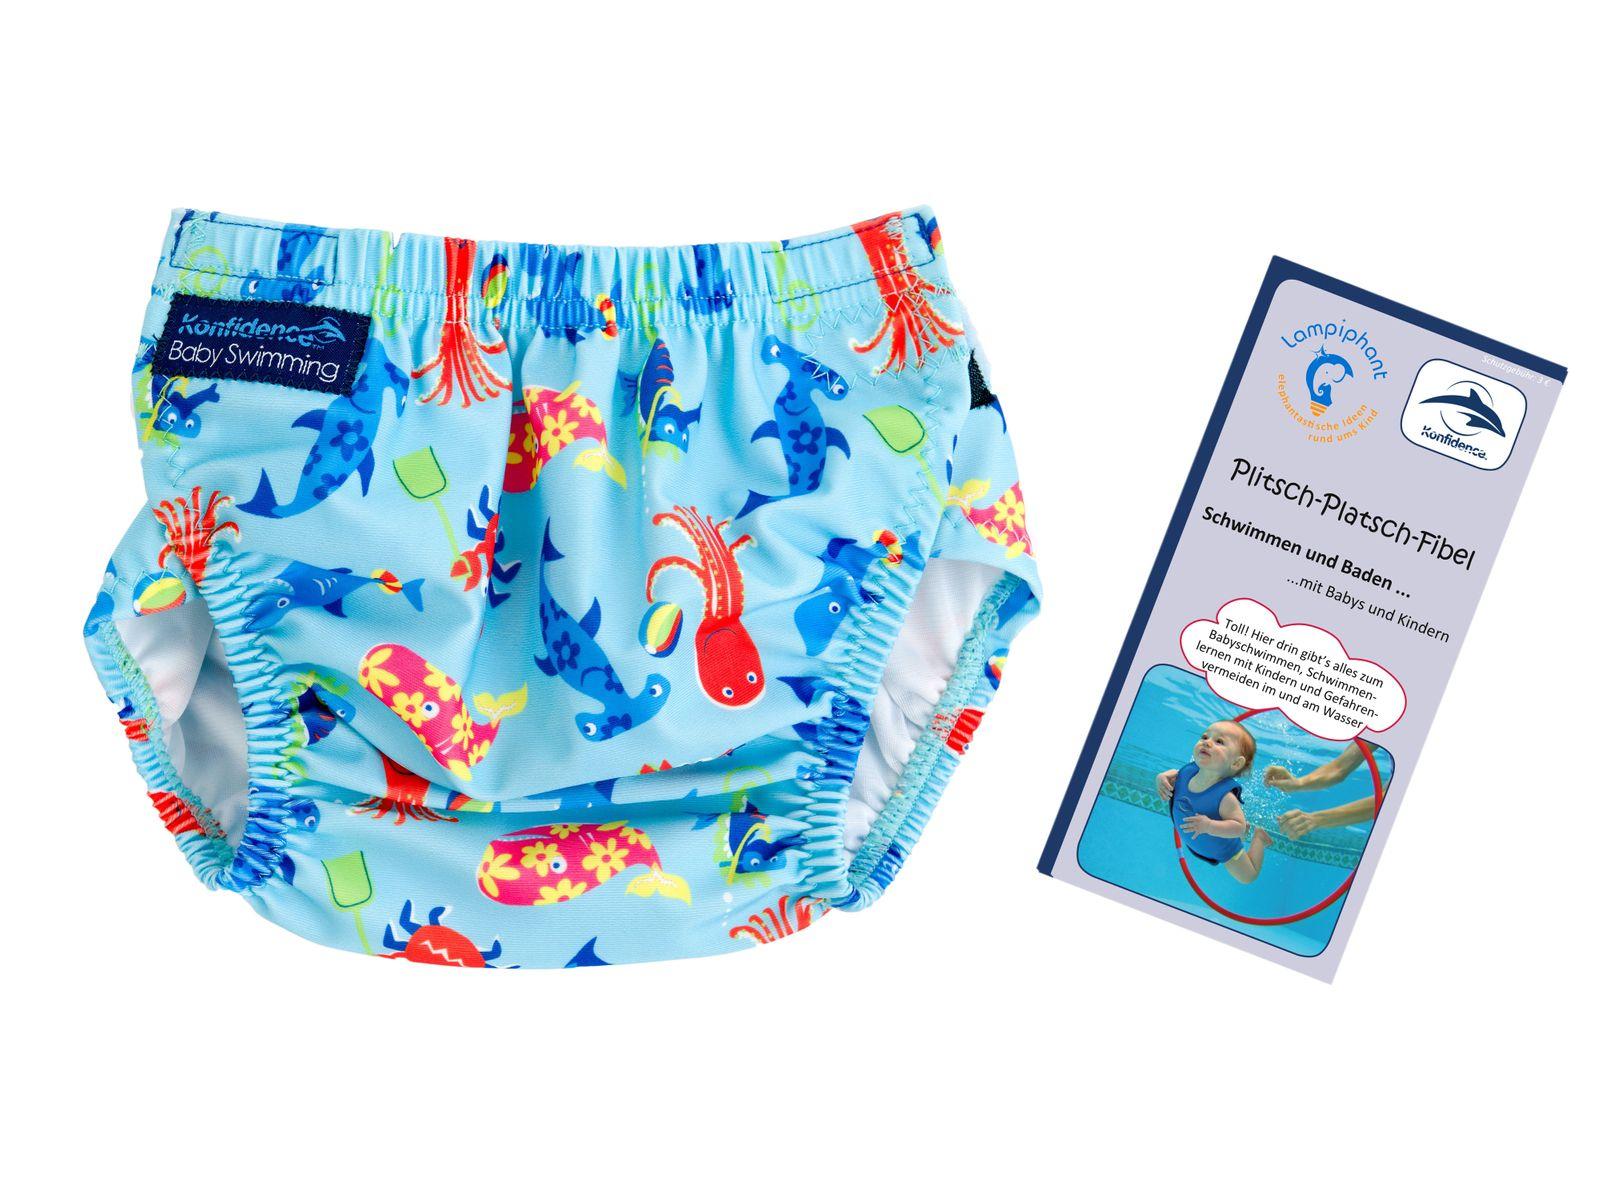 Konfidence Schwimmwindel mit umfangreichem Babyschwimmratgeber (passt von 3 Monate bis 3 Jahre) – Bild 5